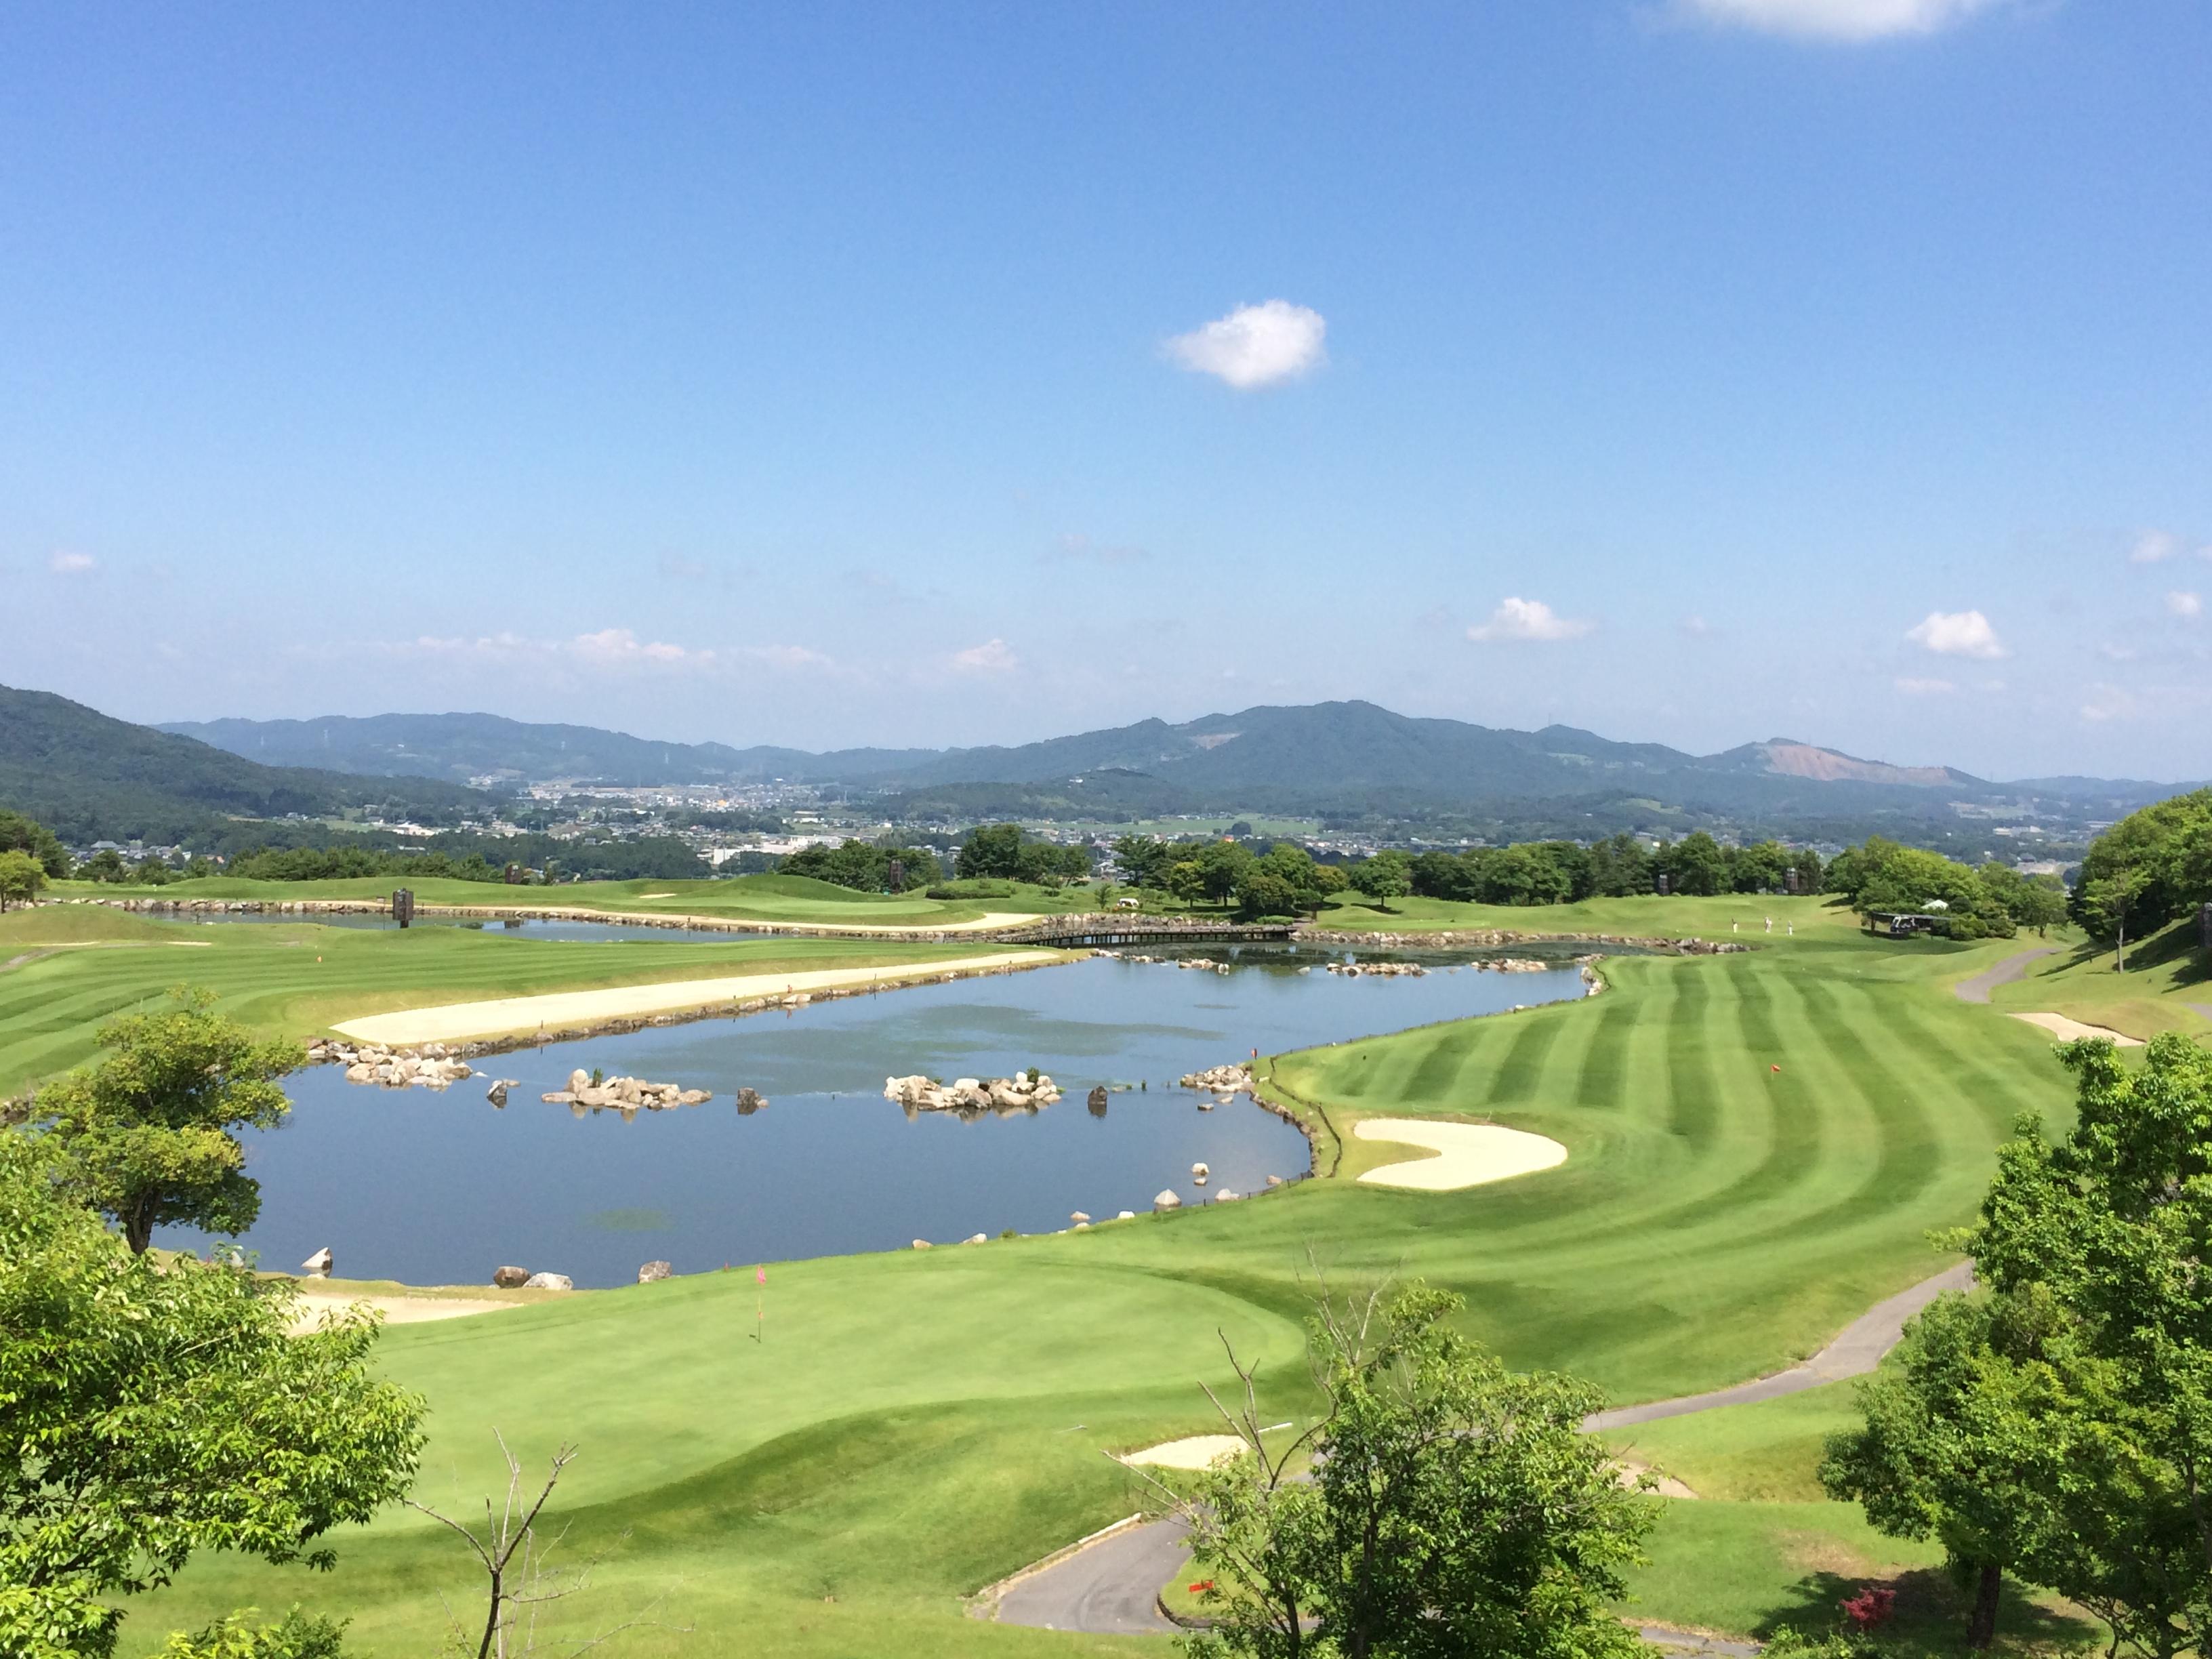 JGM笠間ゴルフクラブ(かさまロイヤルGC)